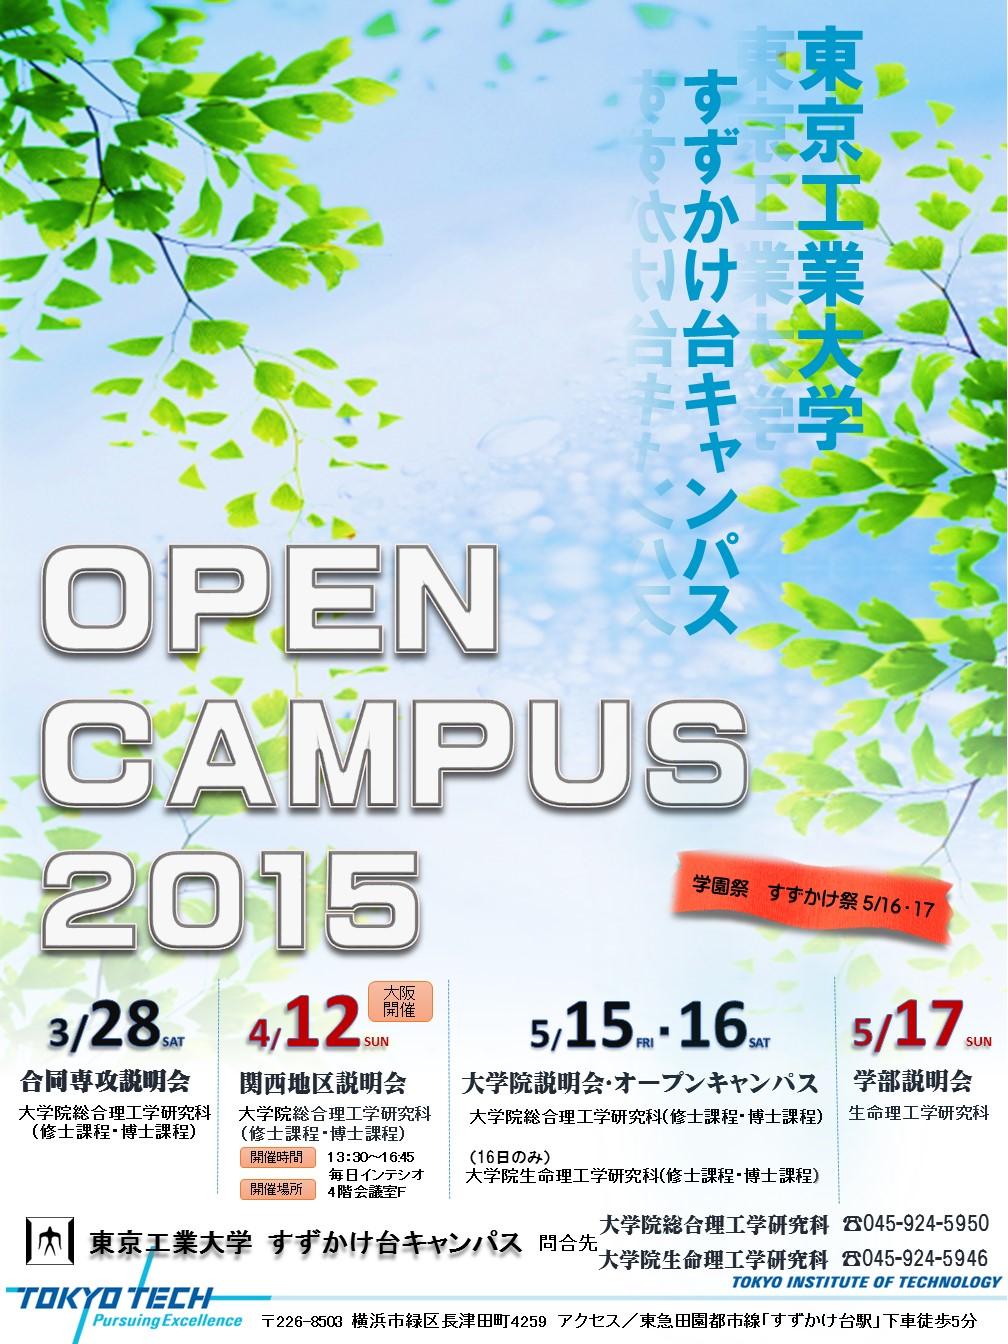 opencampus2015.JPG